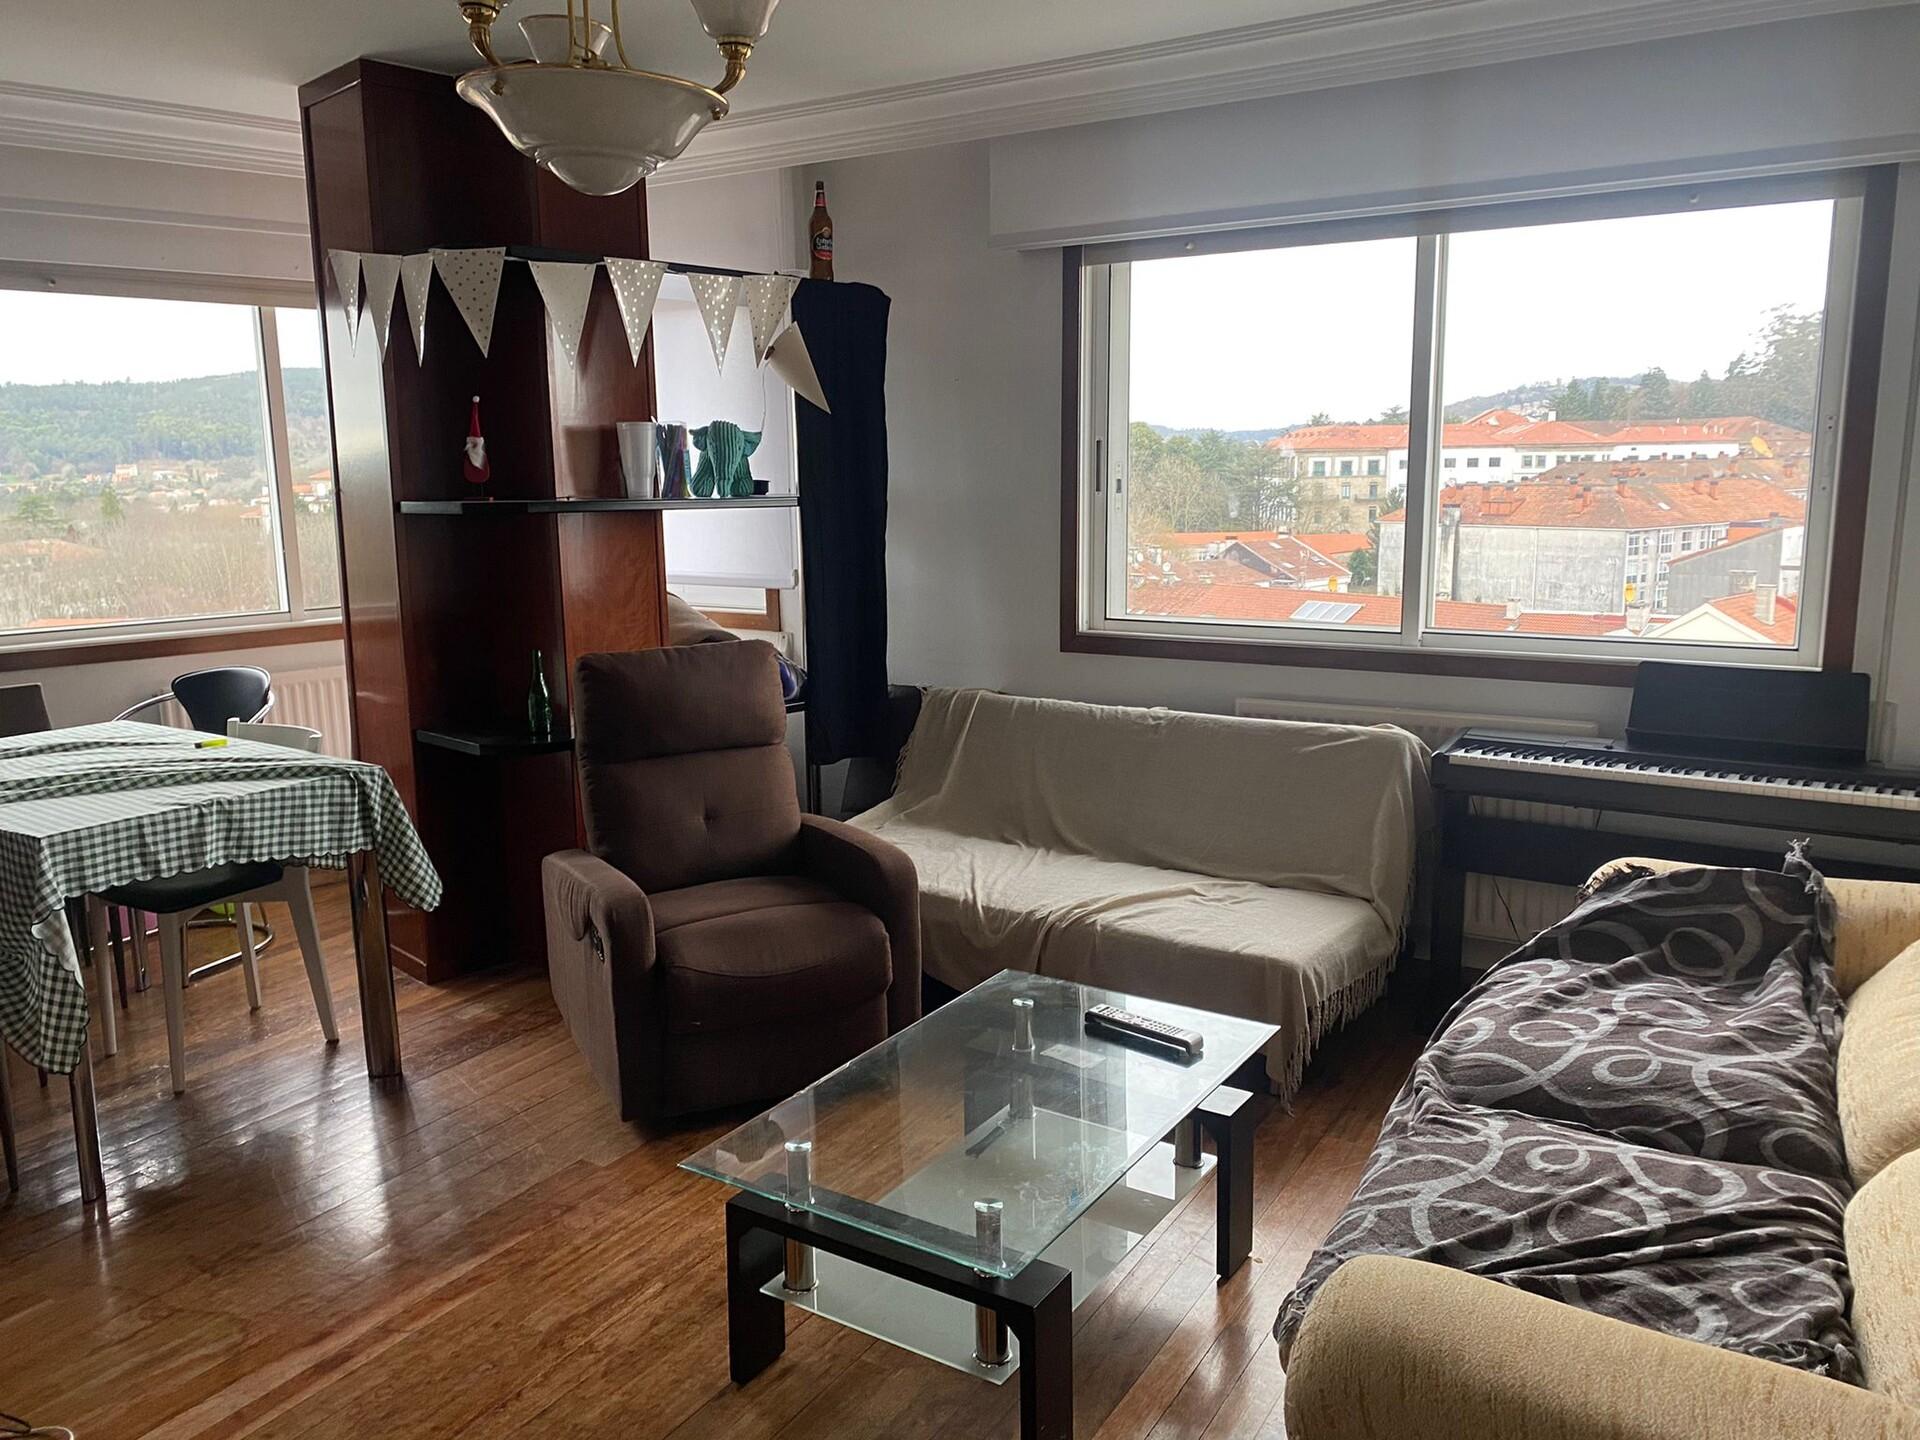 Habitacion en piso compartido de 4 habitaciones